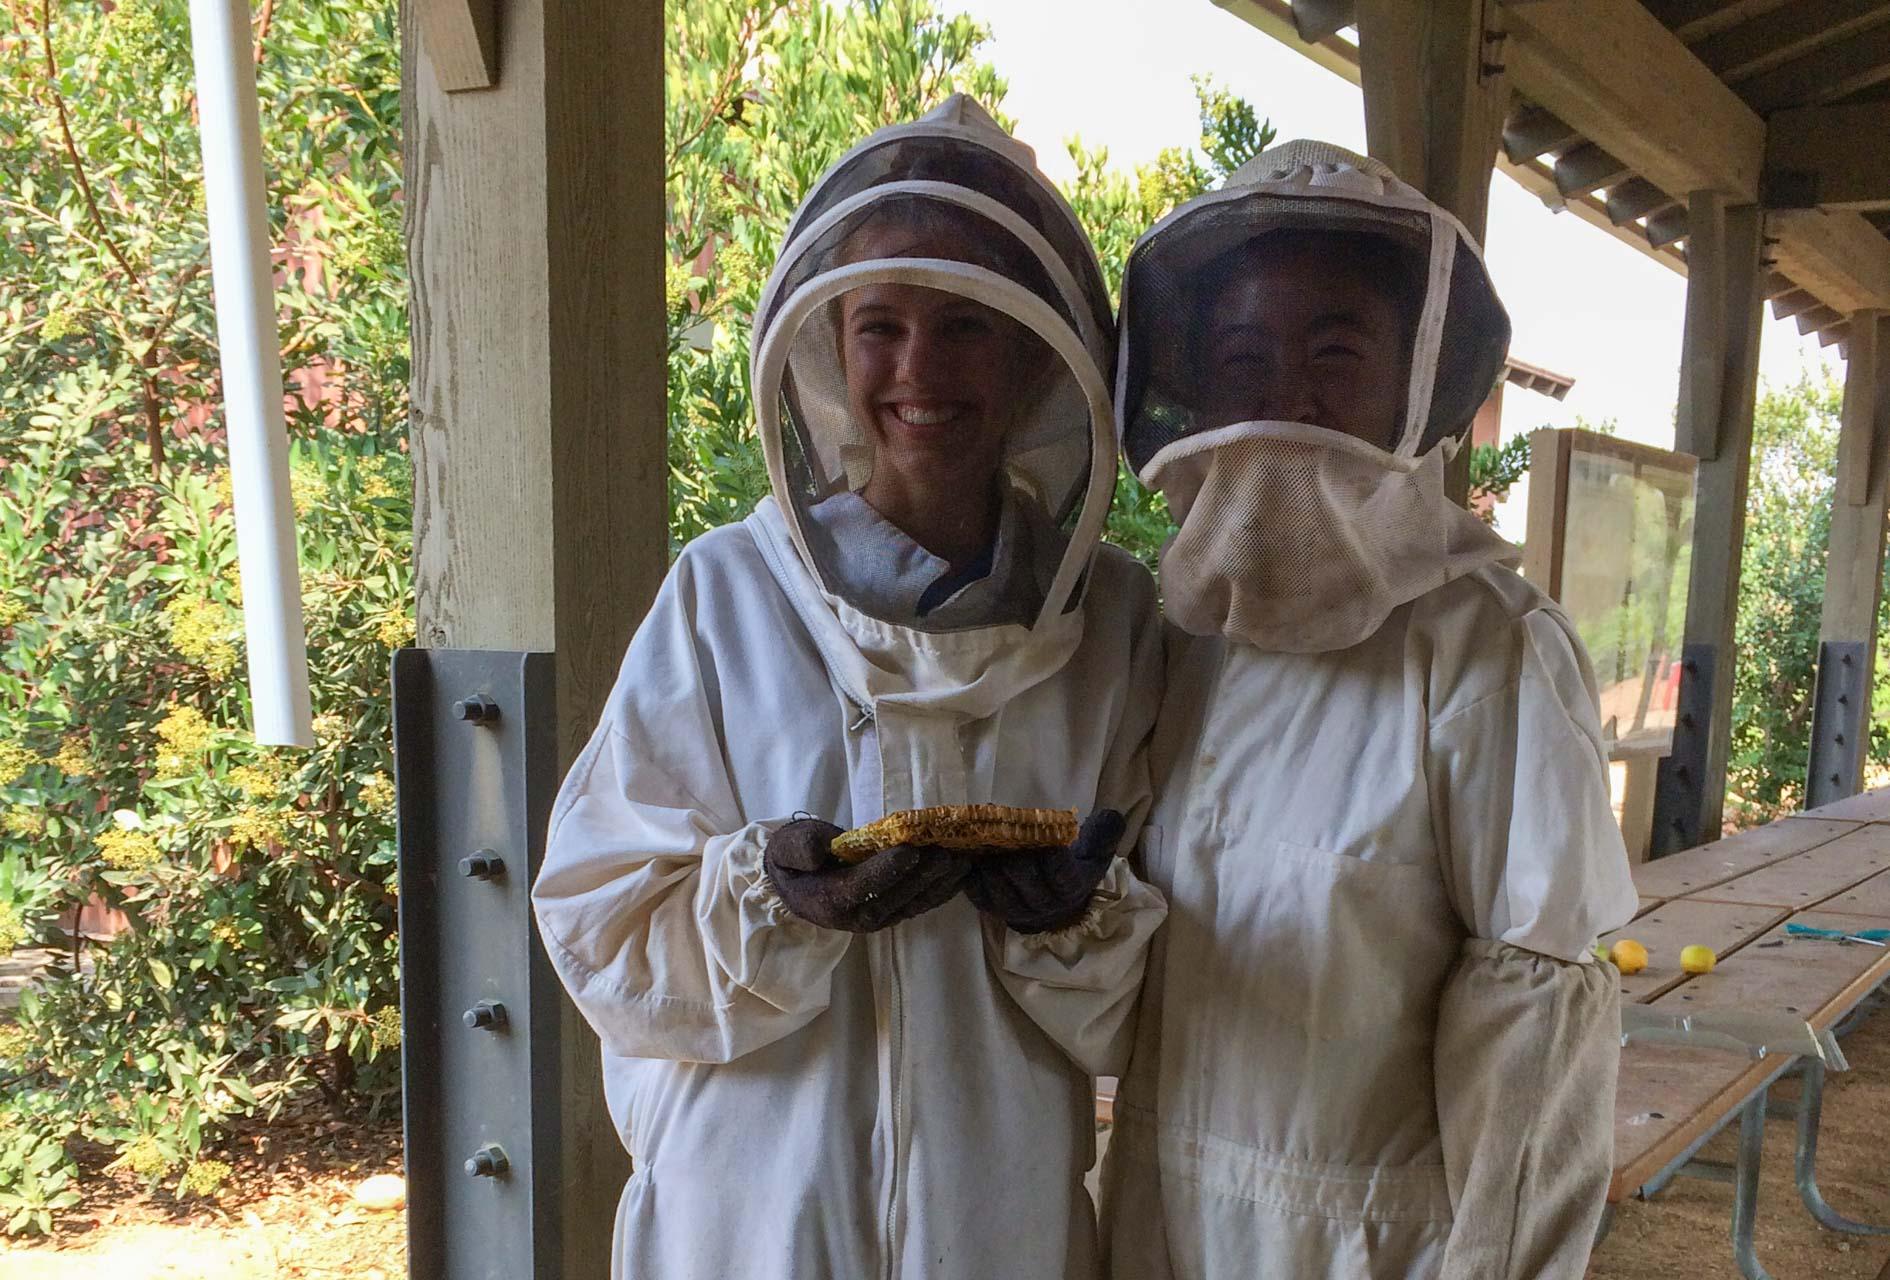 Two teens dressed in beekeeper gear volunteering